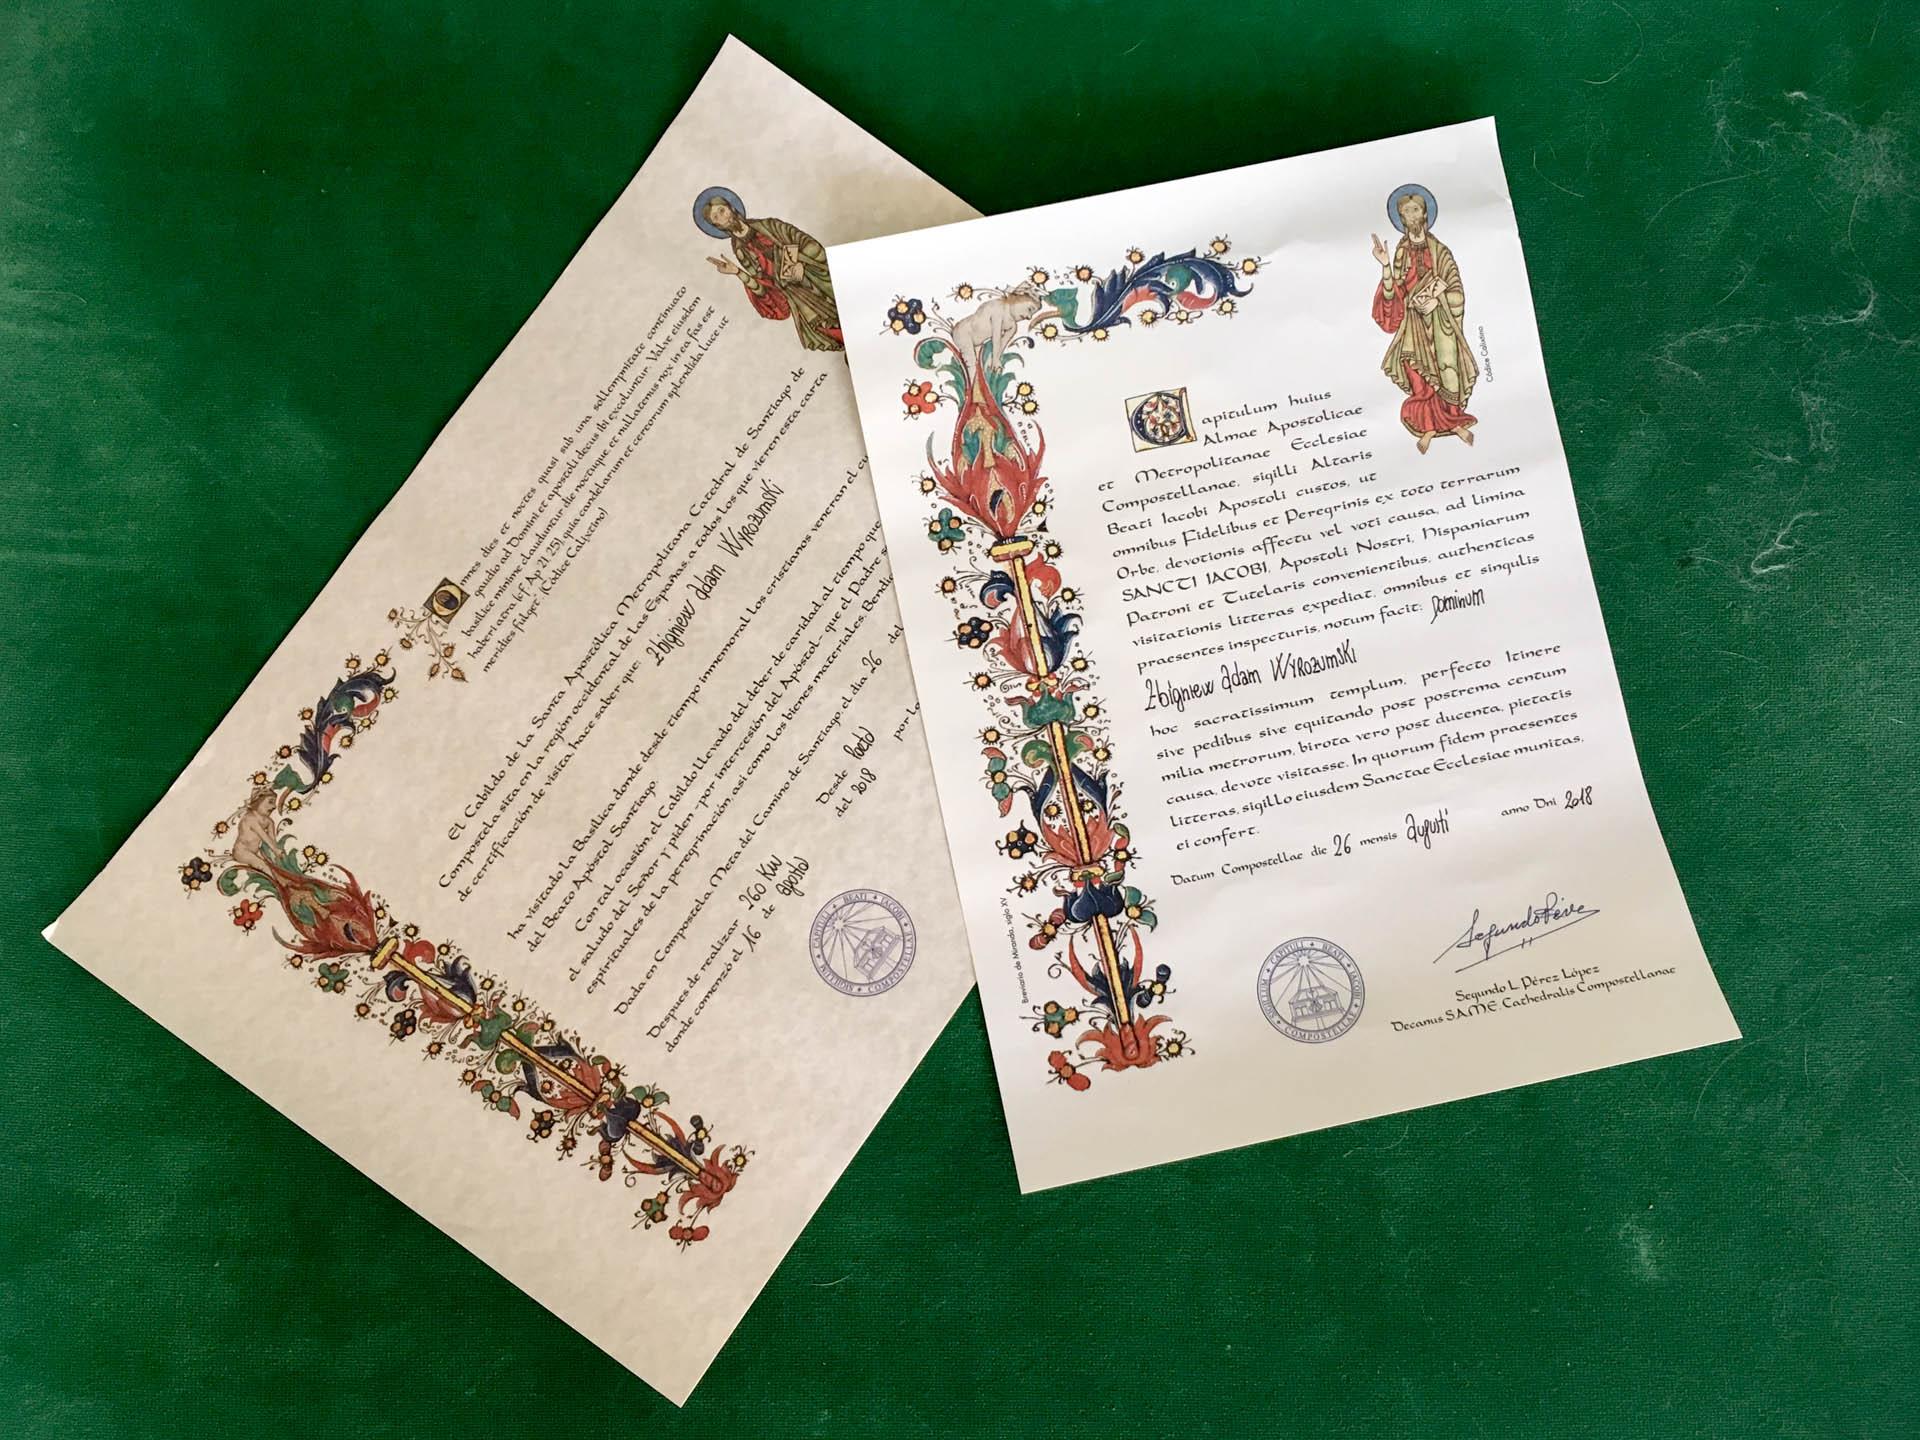 certyfikaty poświadczające ukończenie Camino de Santiago